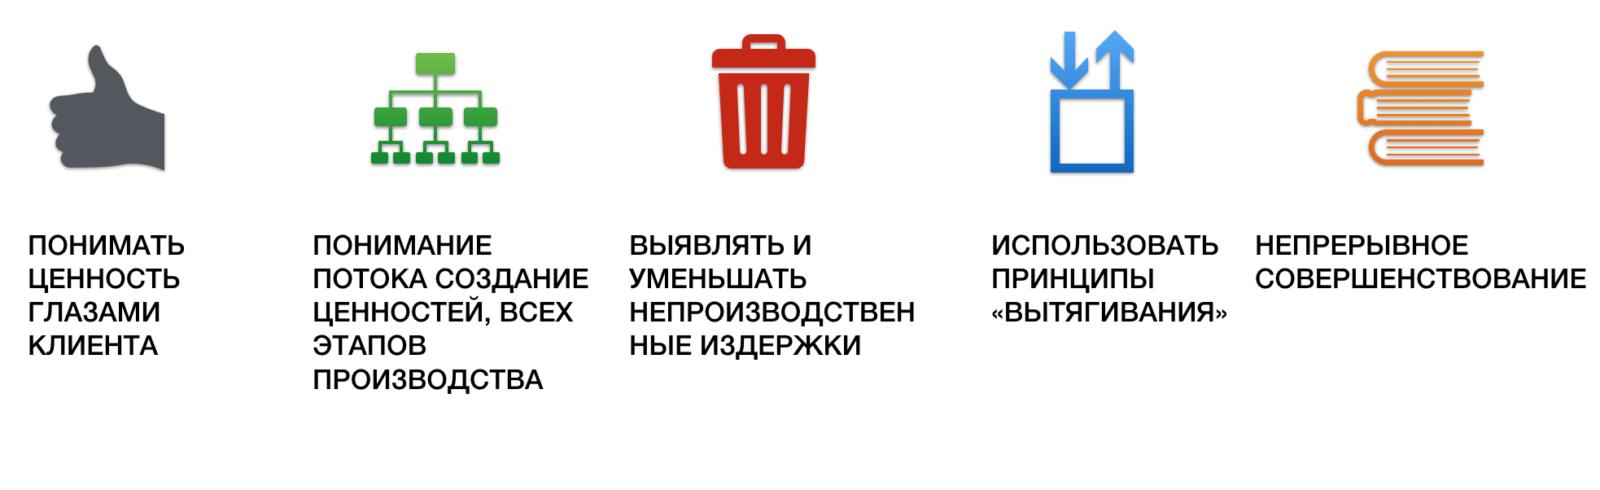 Обзор методики Бережливого производства